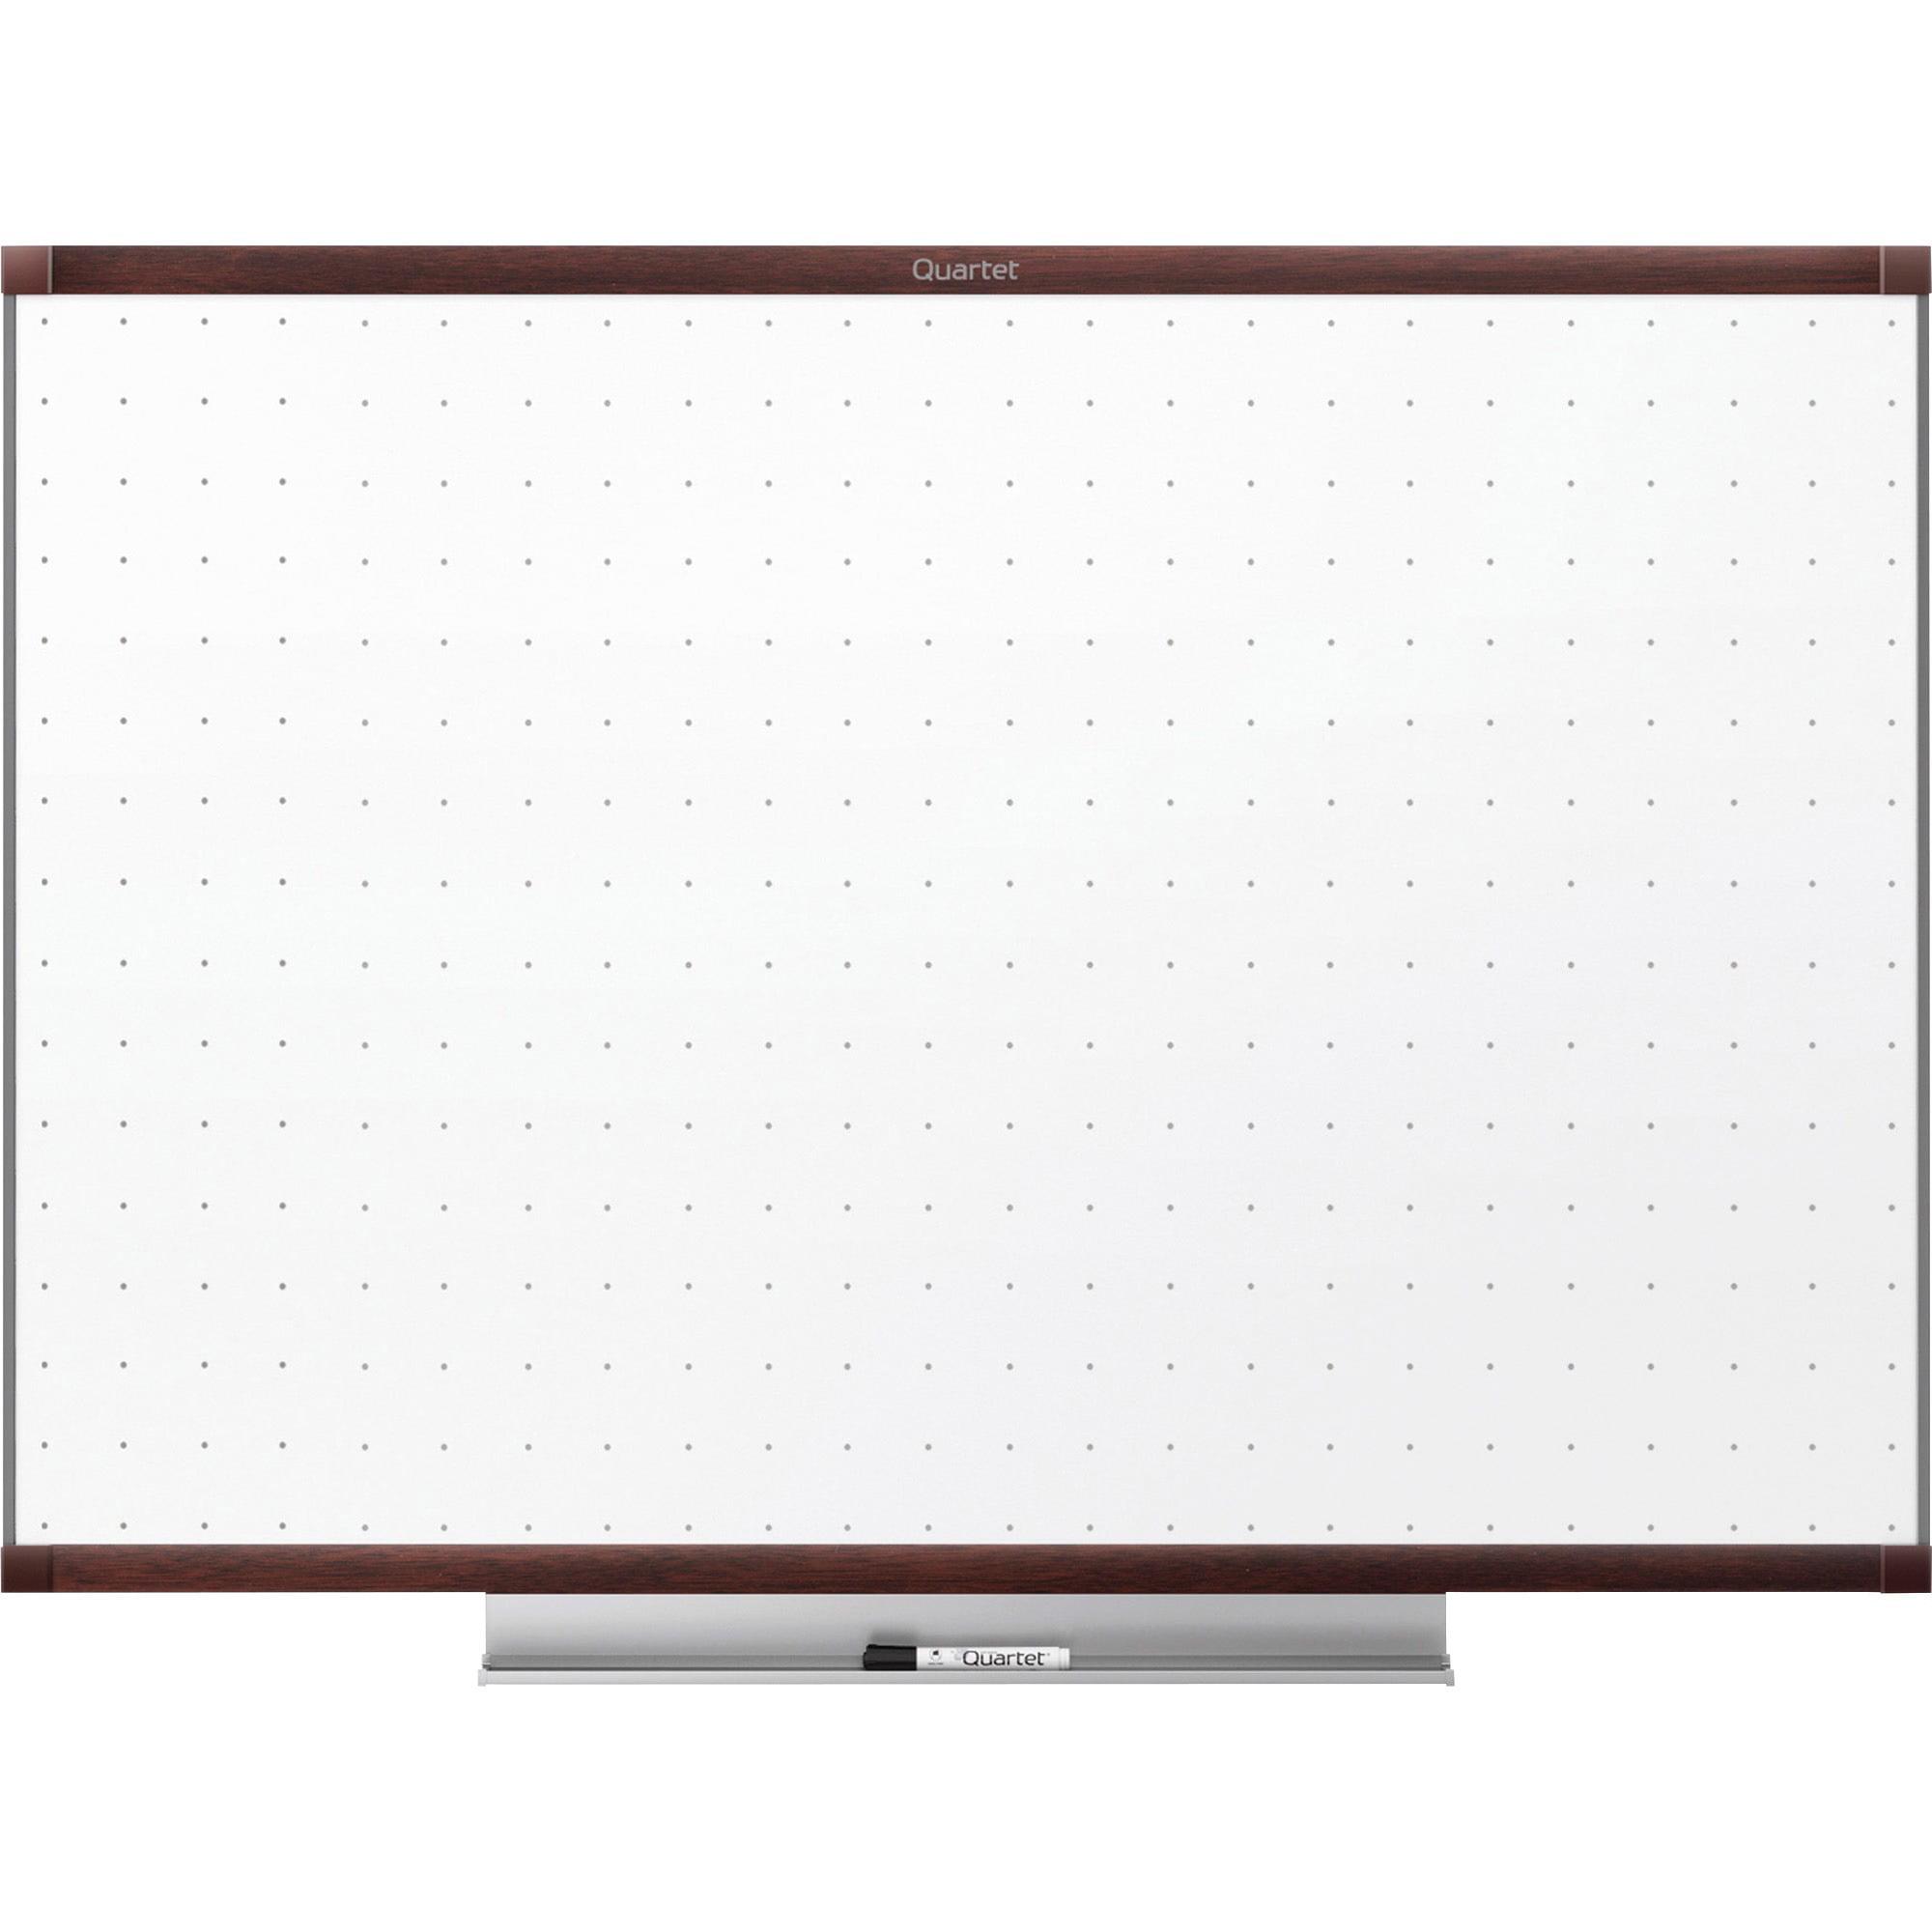 Quartet, QRTTE543MP2, Prestige 2 Total Erase Easy-Mount Board, 1 / Each